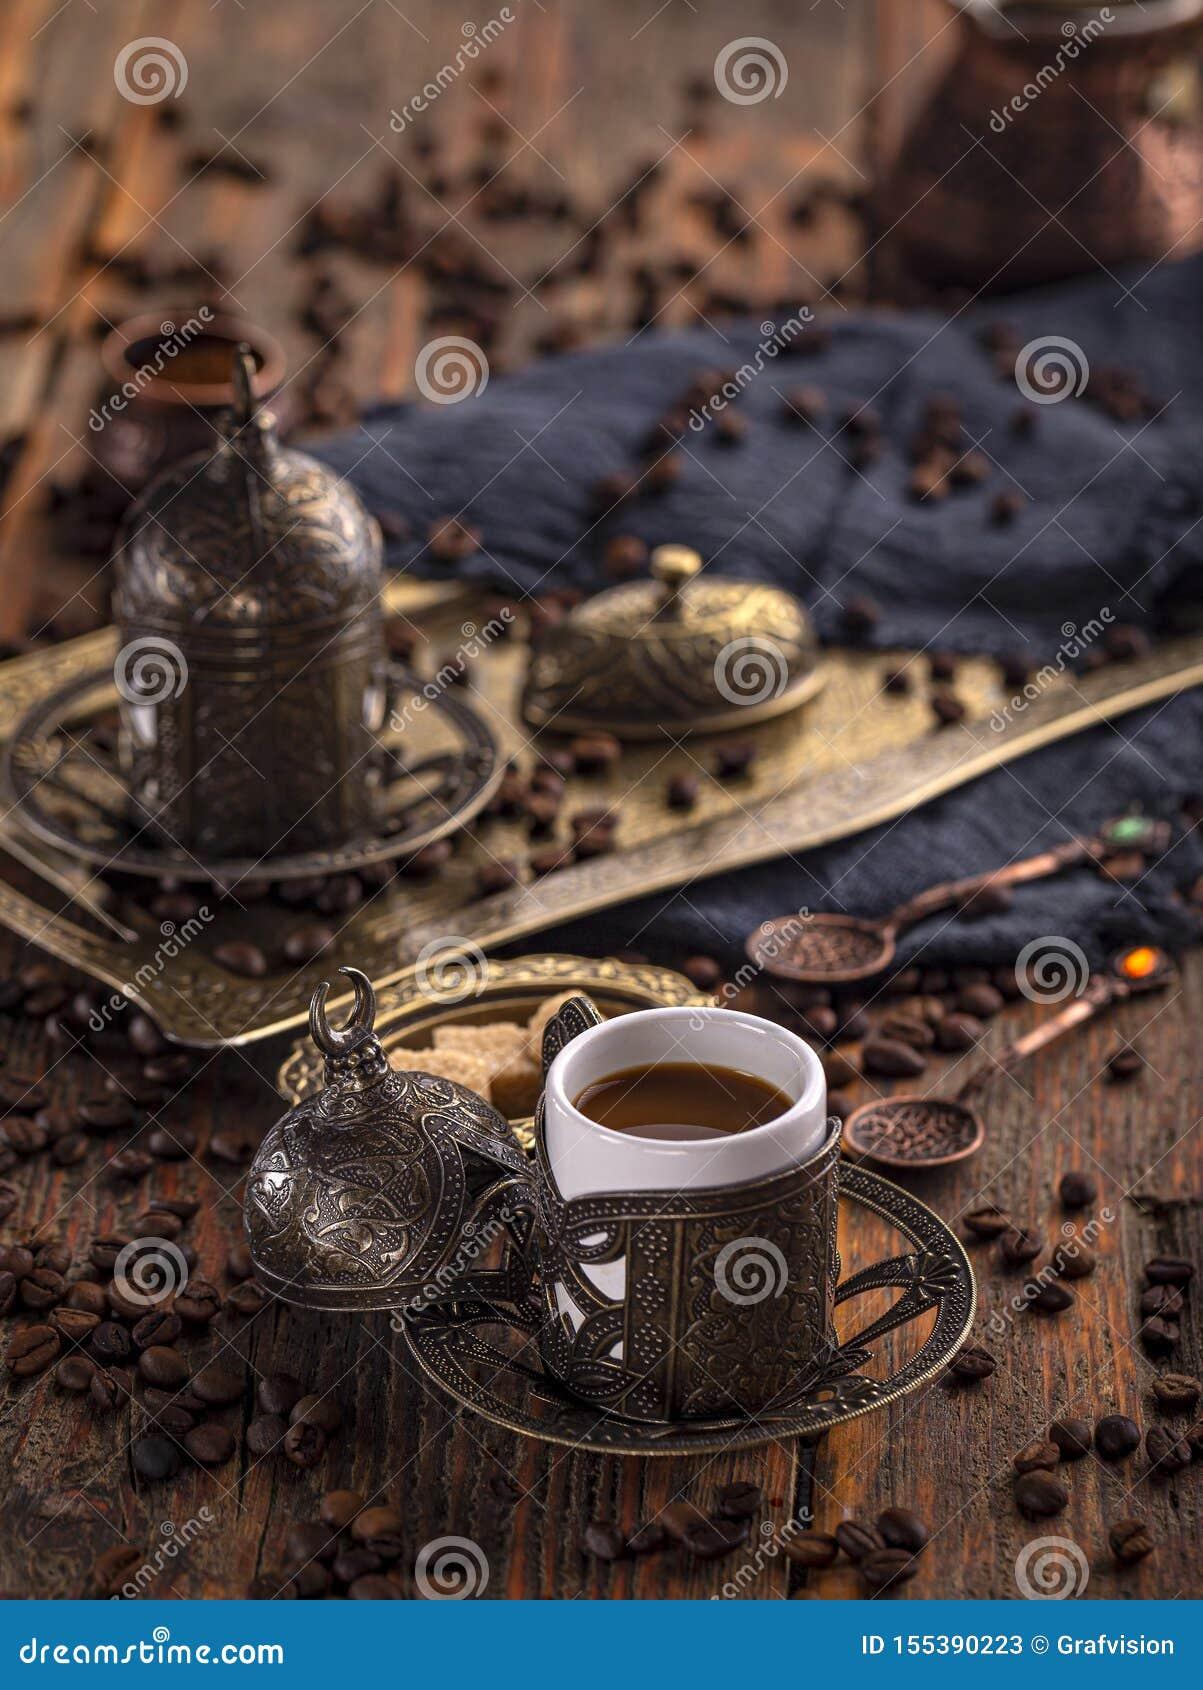 Turkse koffiekop